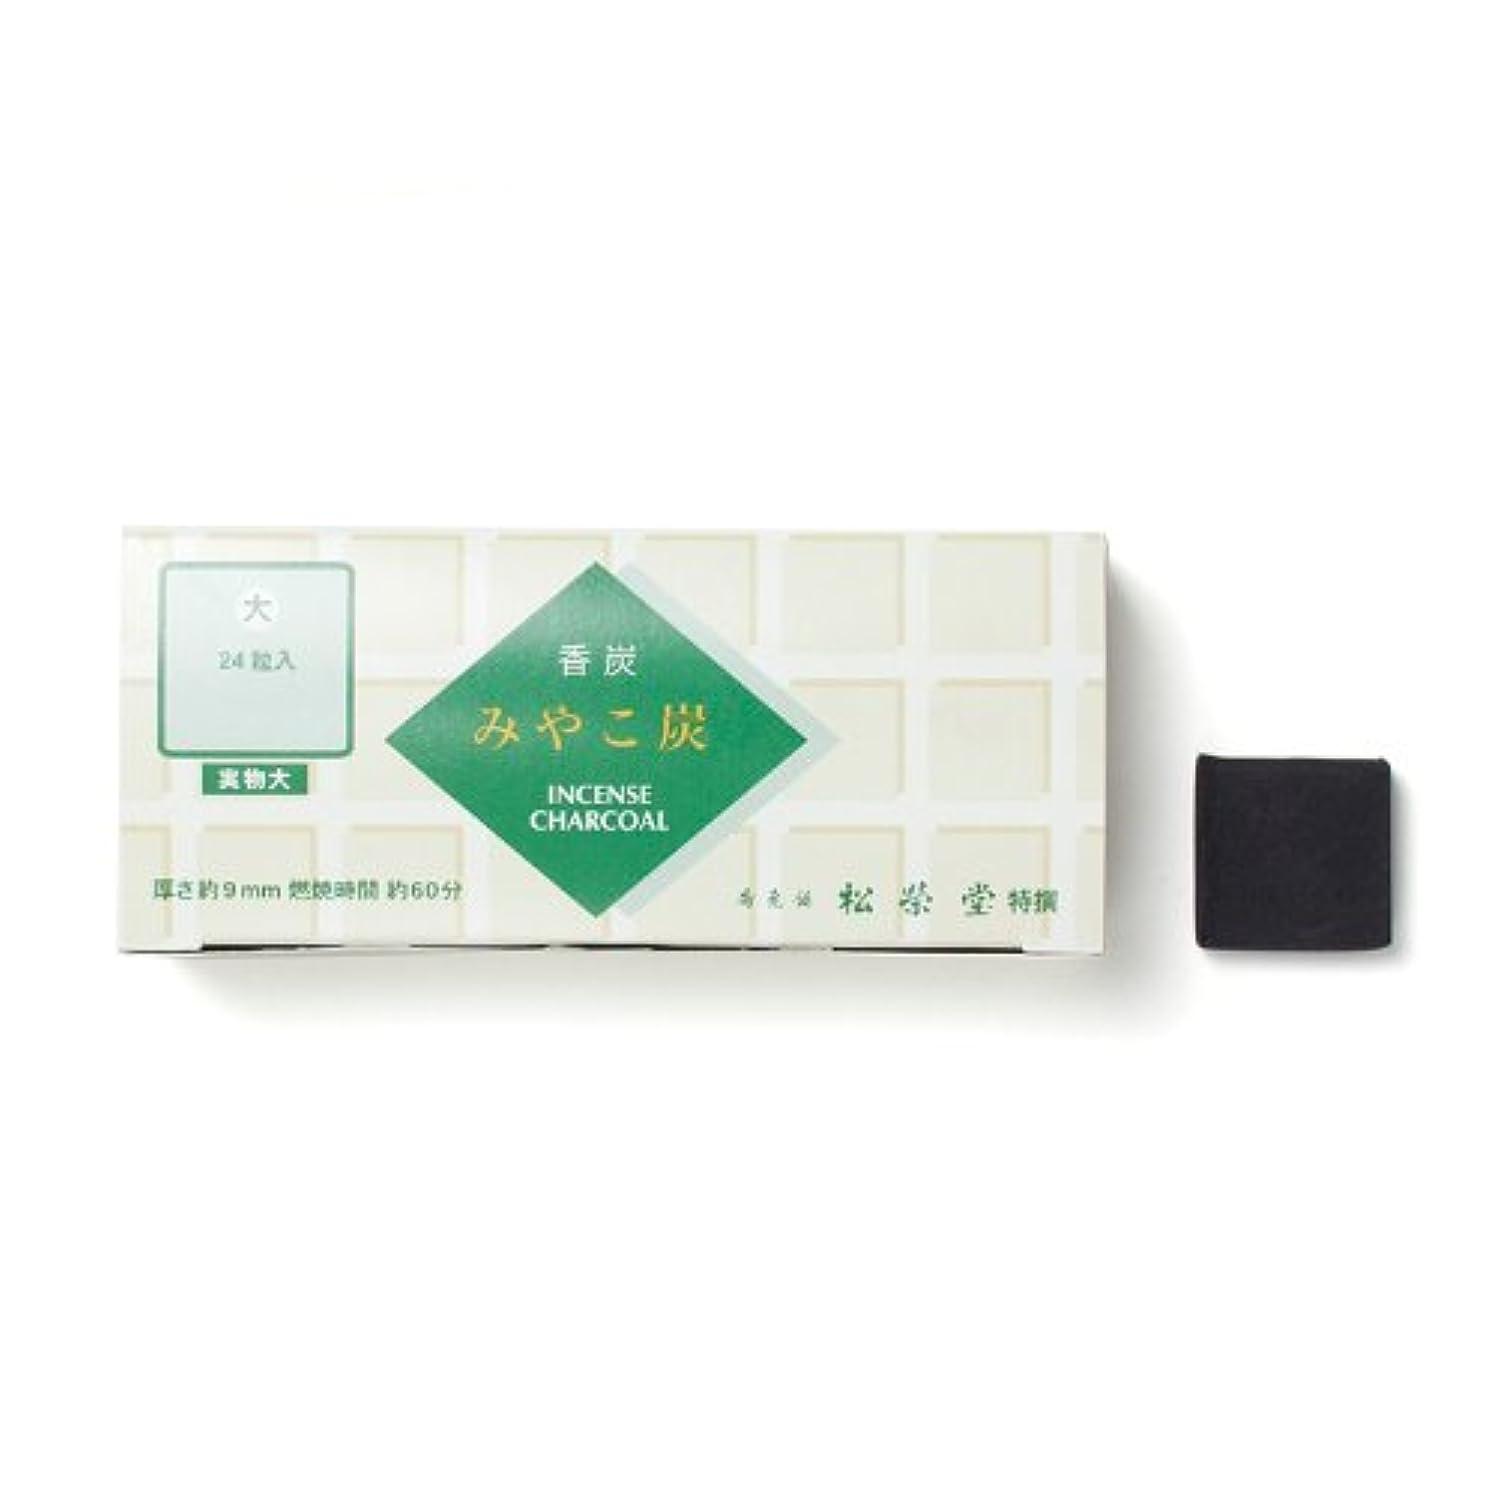 主張修正バリア松栄堂の香炭 みやこ炭 B大24粒 緑箱 #750112